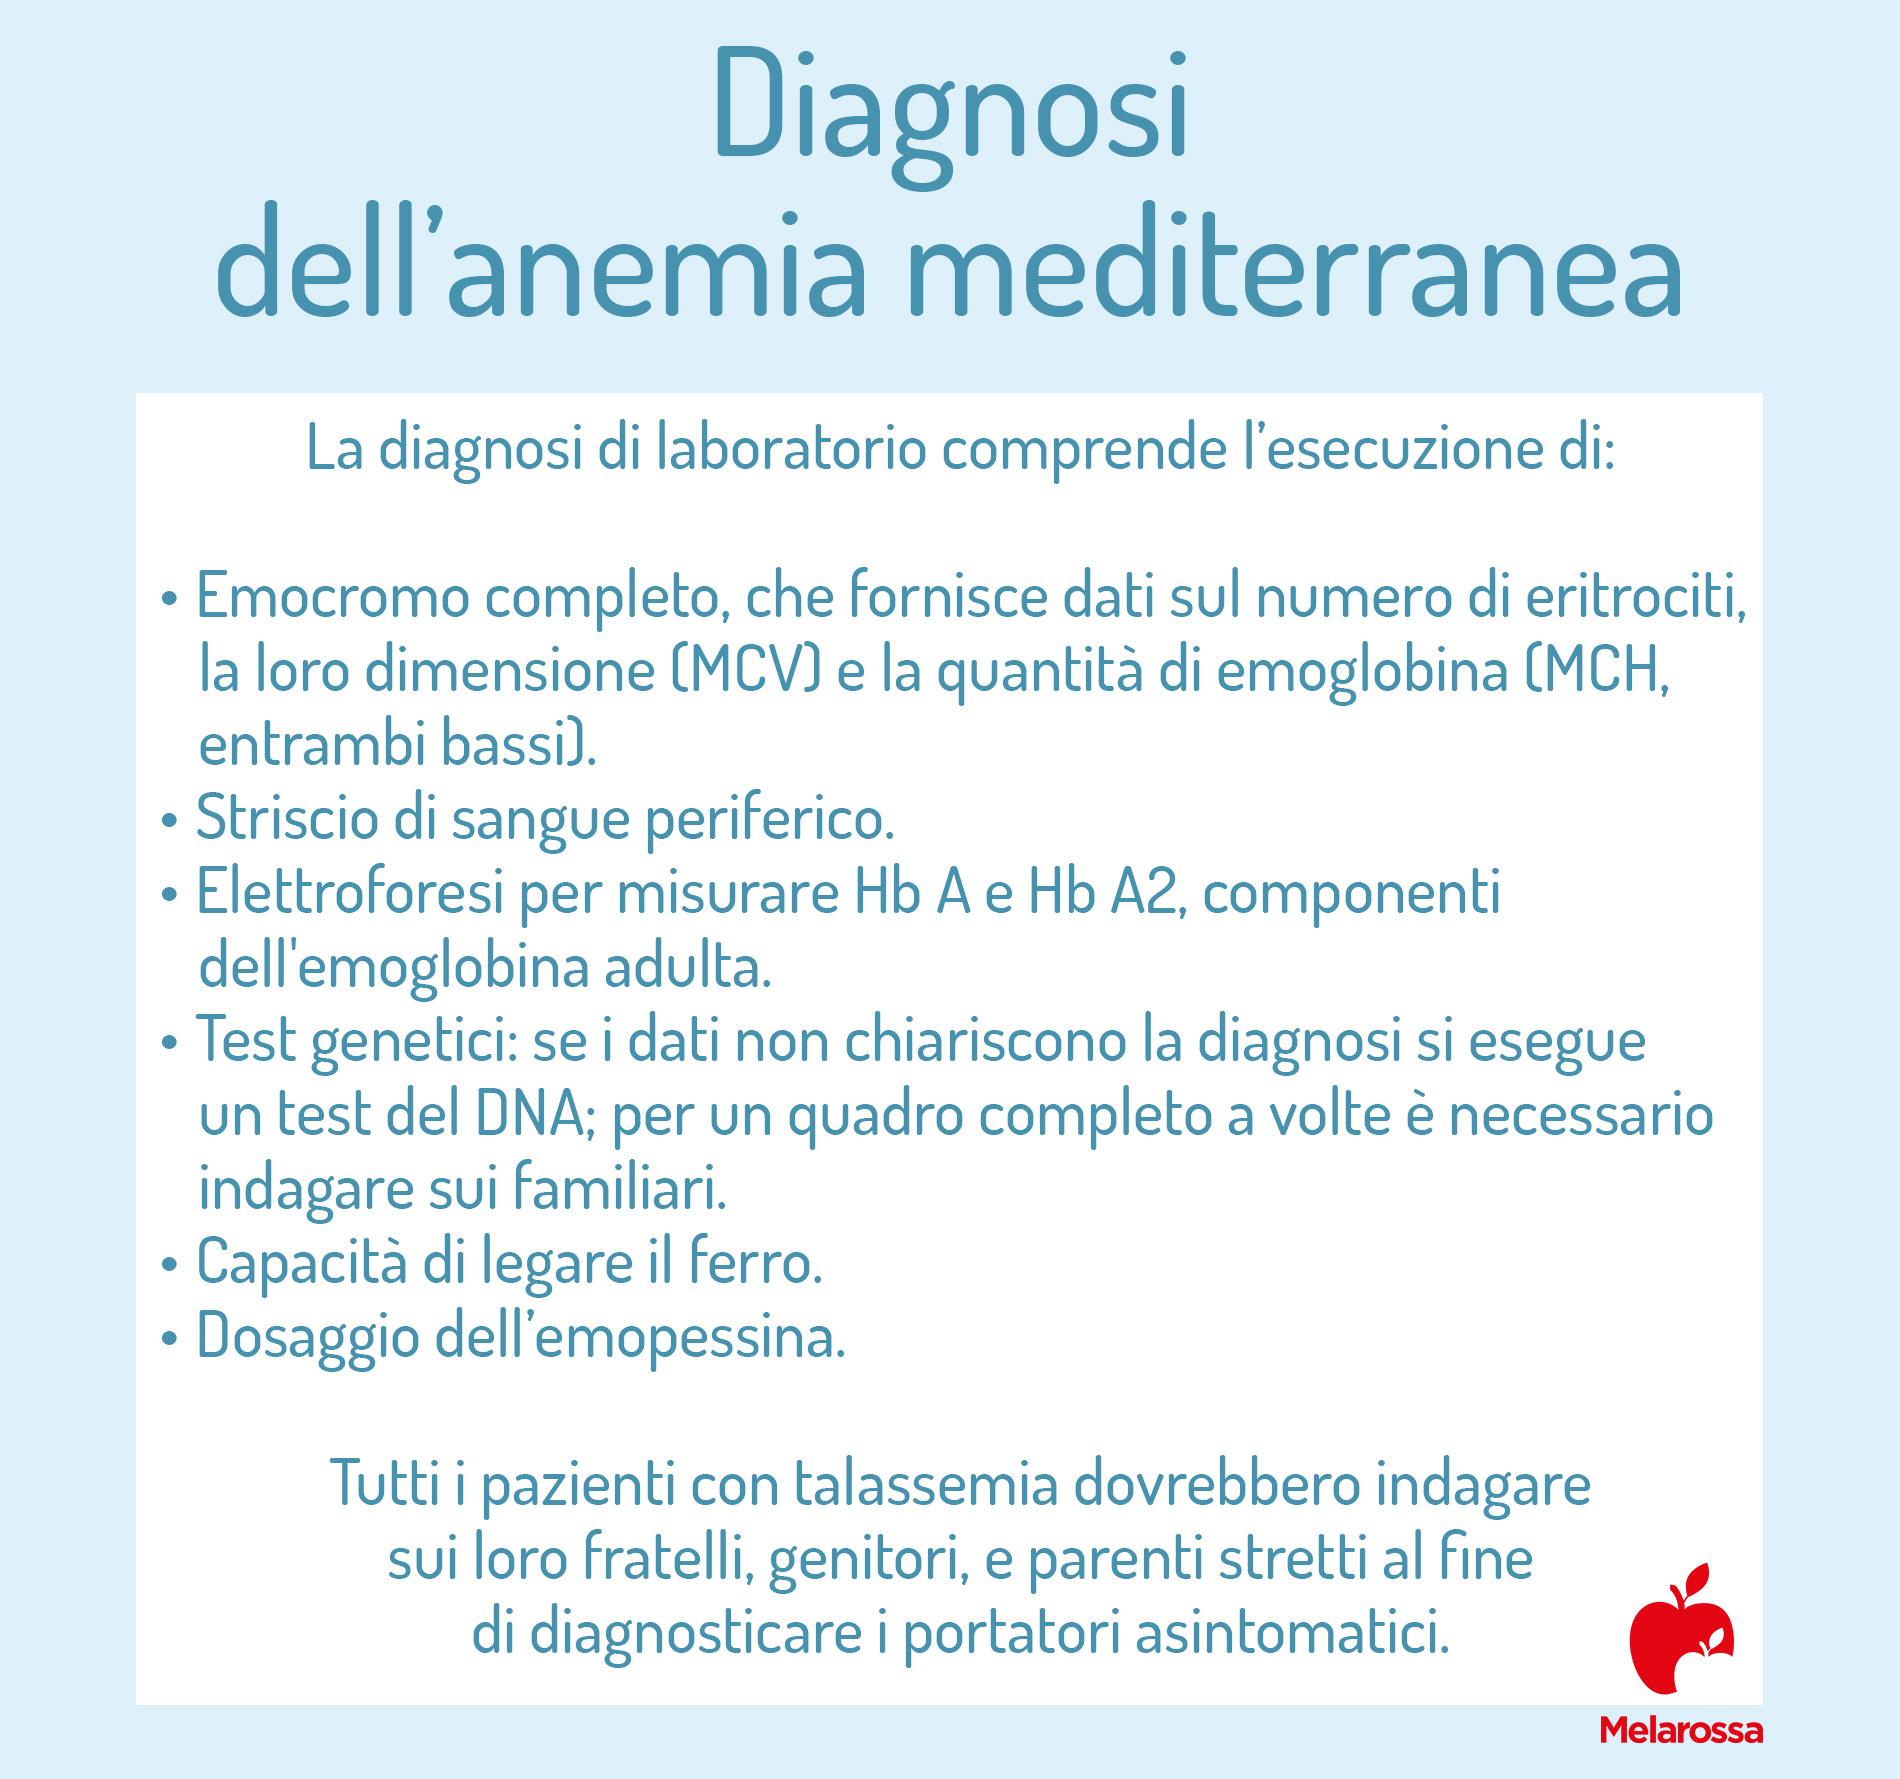 diagnosi dell'anemia mediterranea